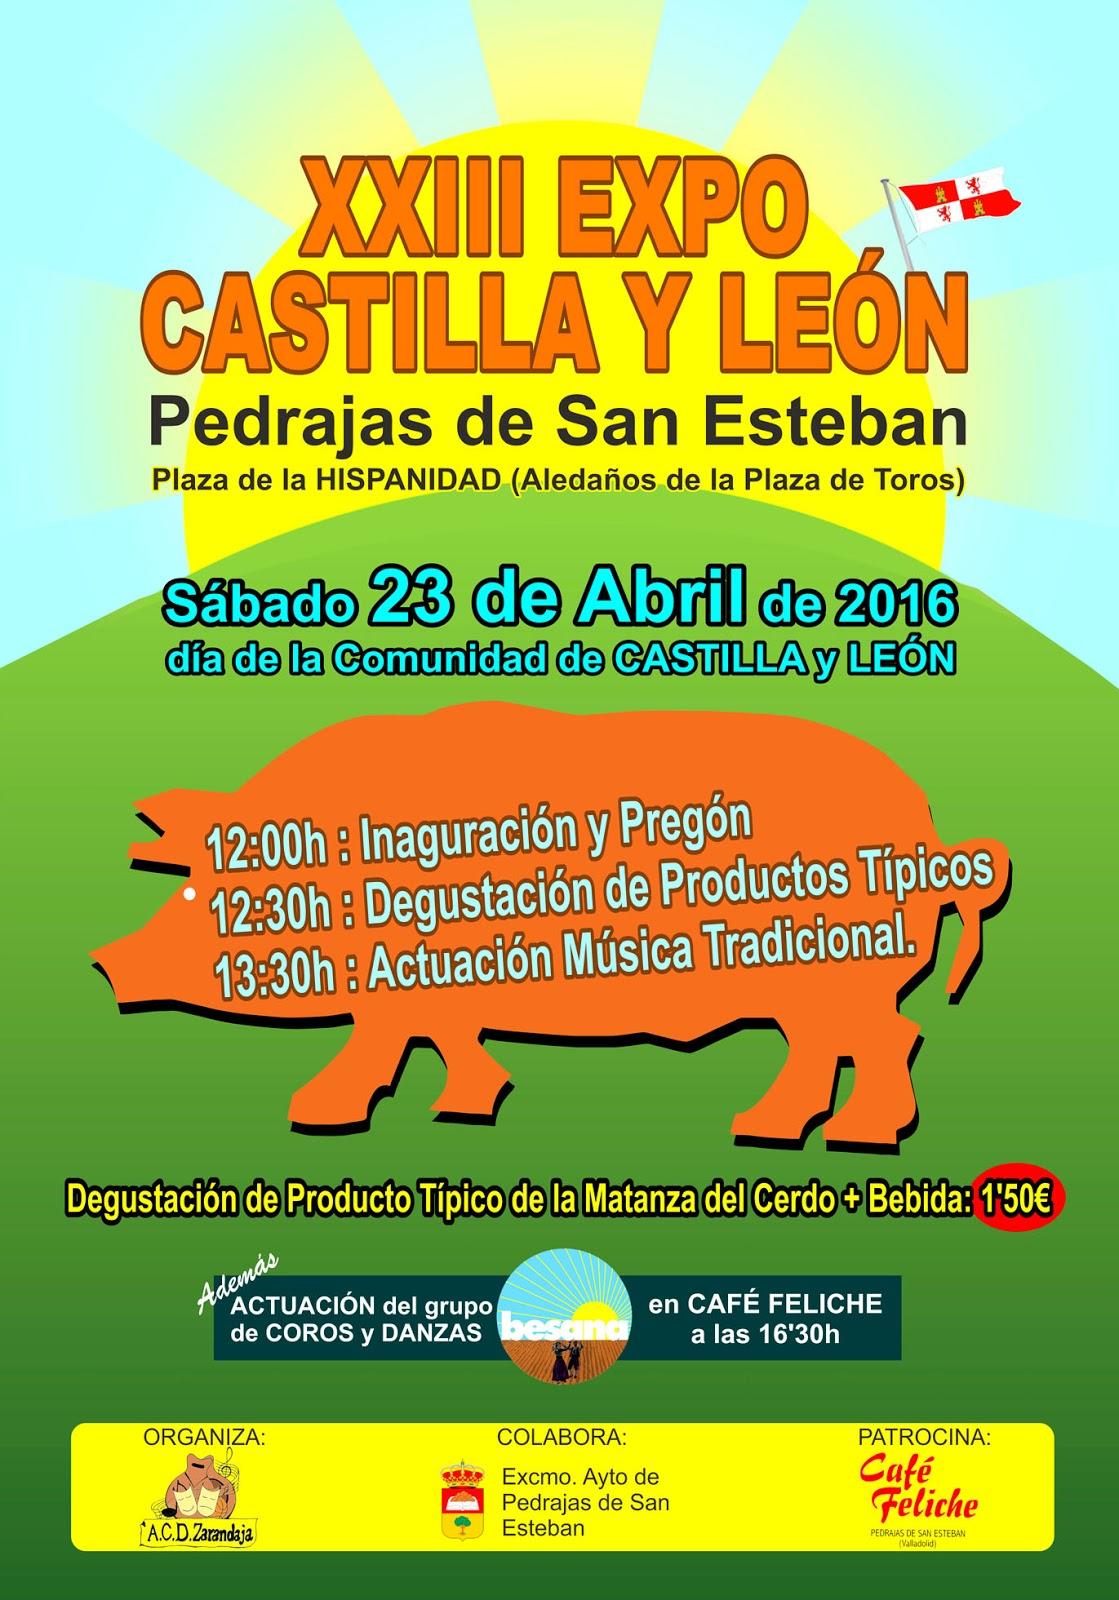 Turismo pedrajas expo castilla y le n for Oficina de turismo de castilla y leon